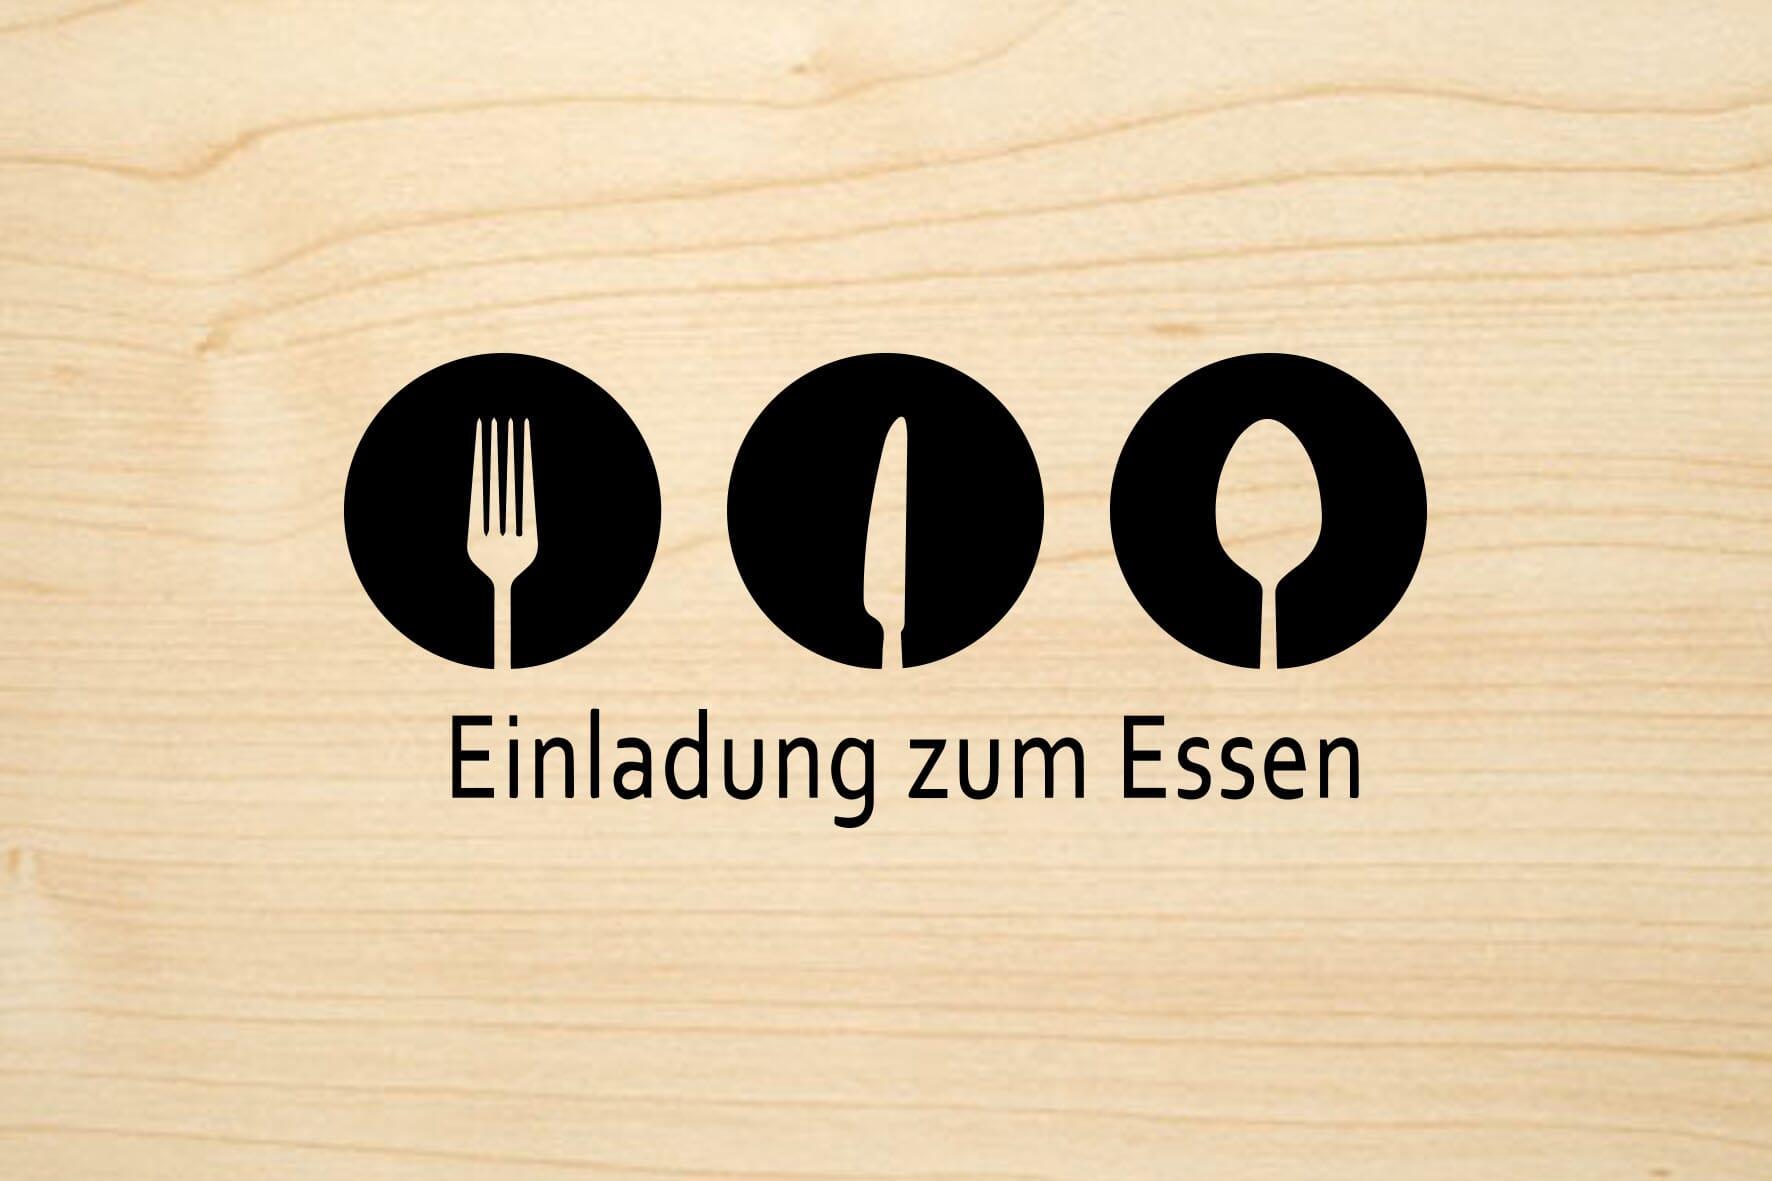 Holzgrusskarte: Einladung zum Essen | stempel-versand.ch